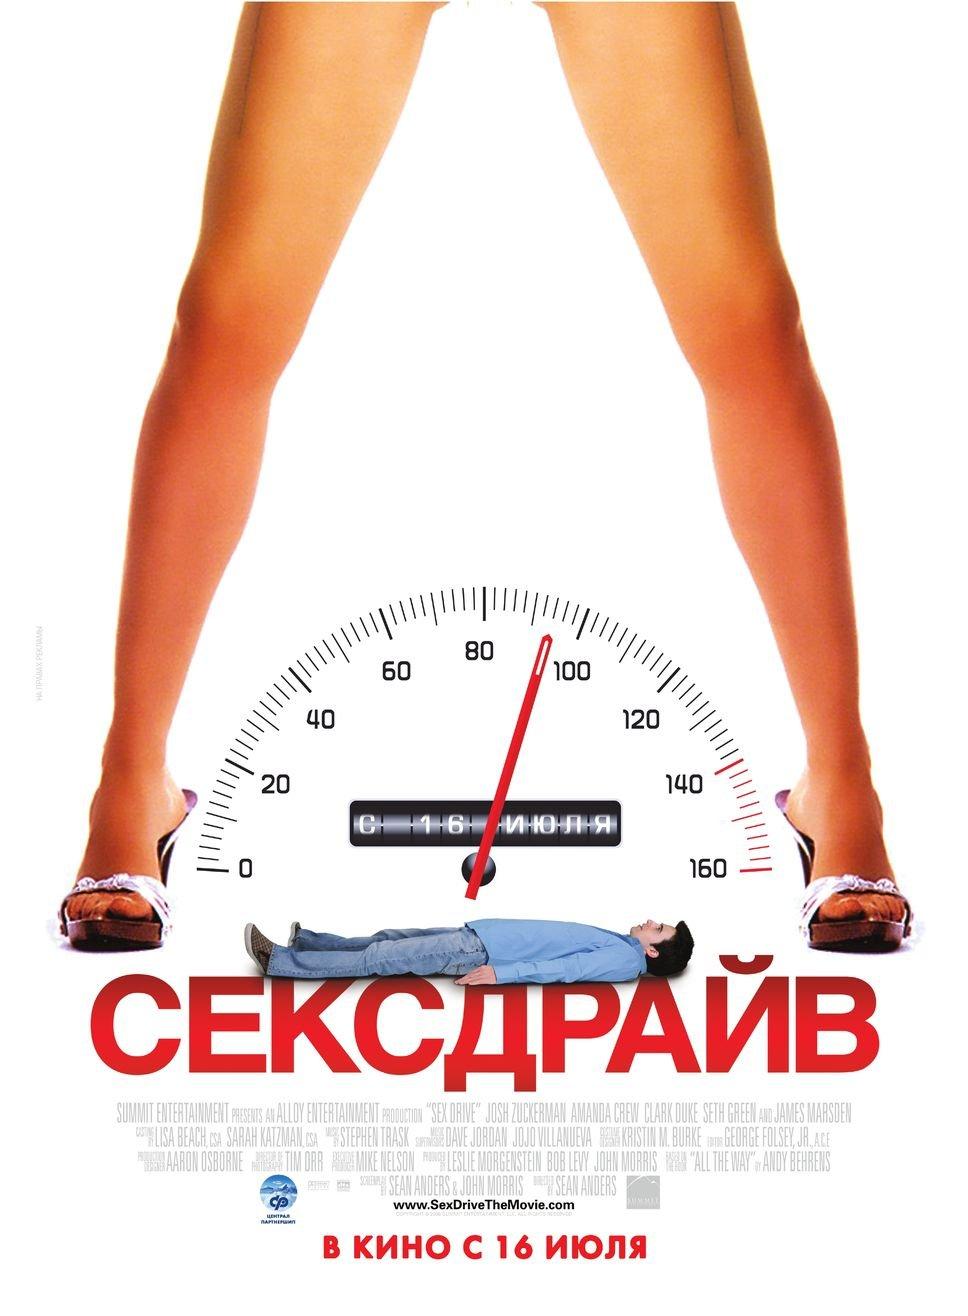 Sex drive online movie